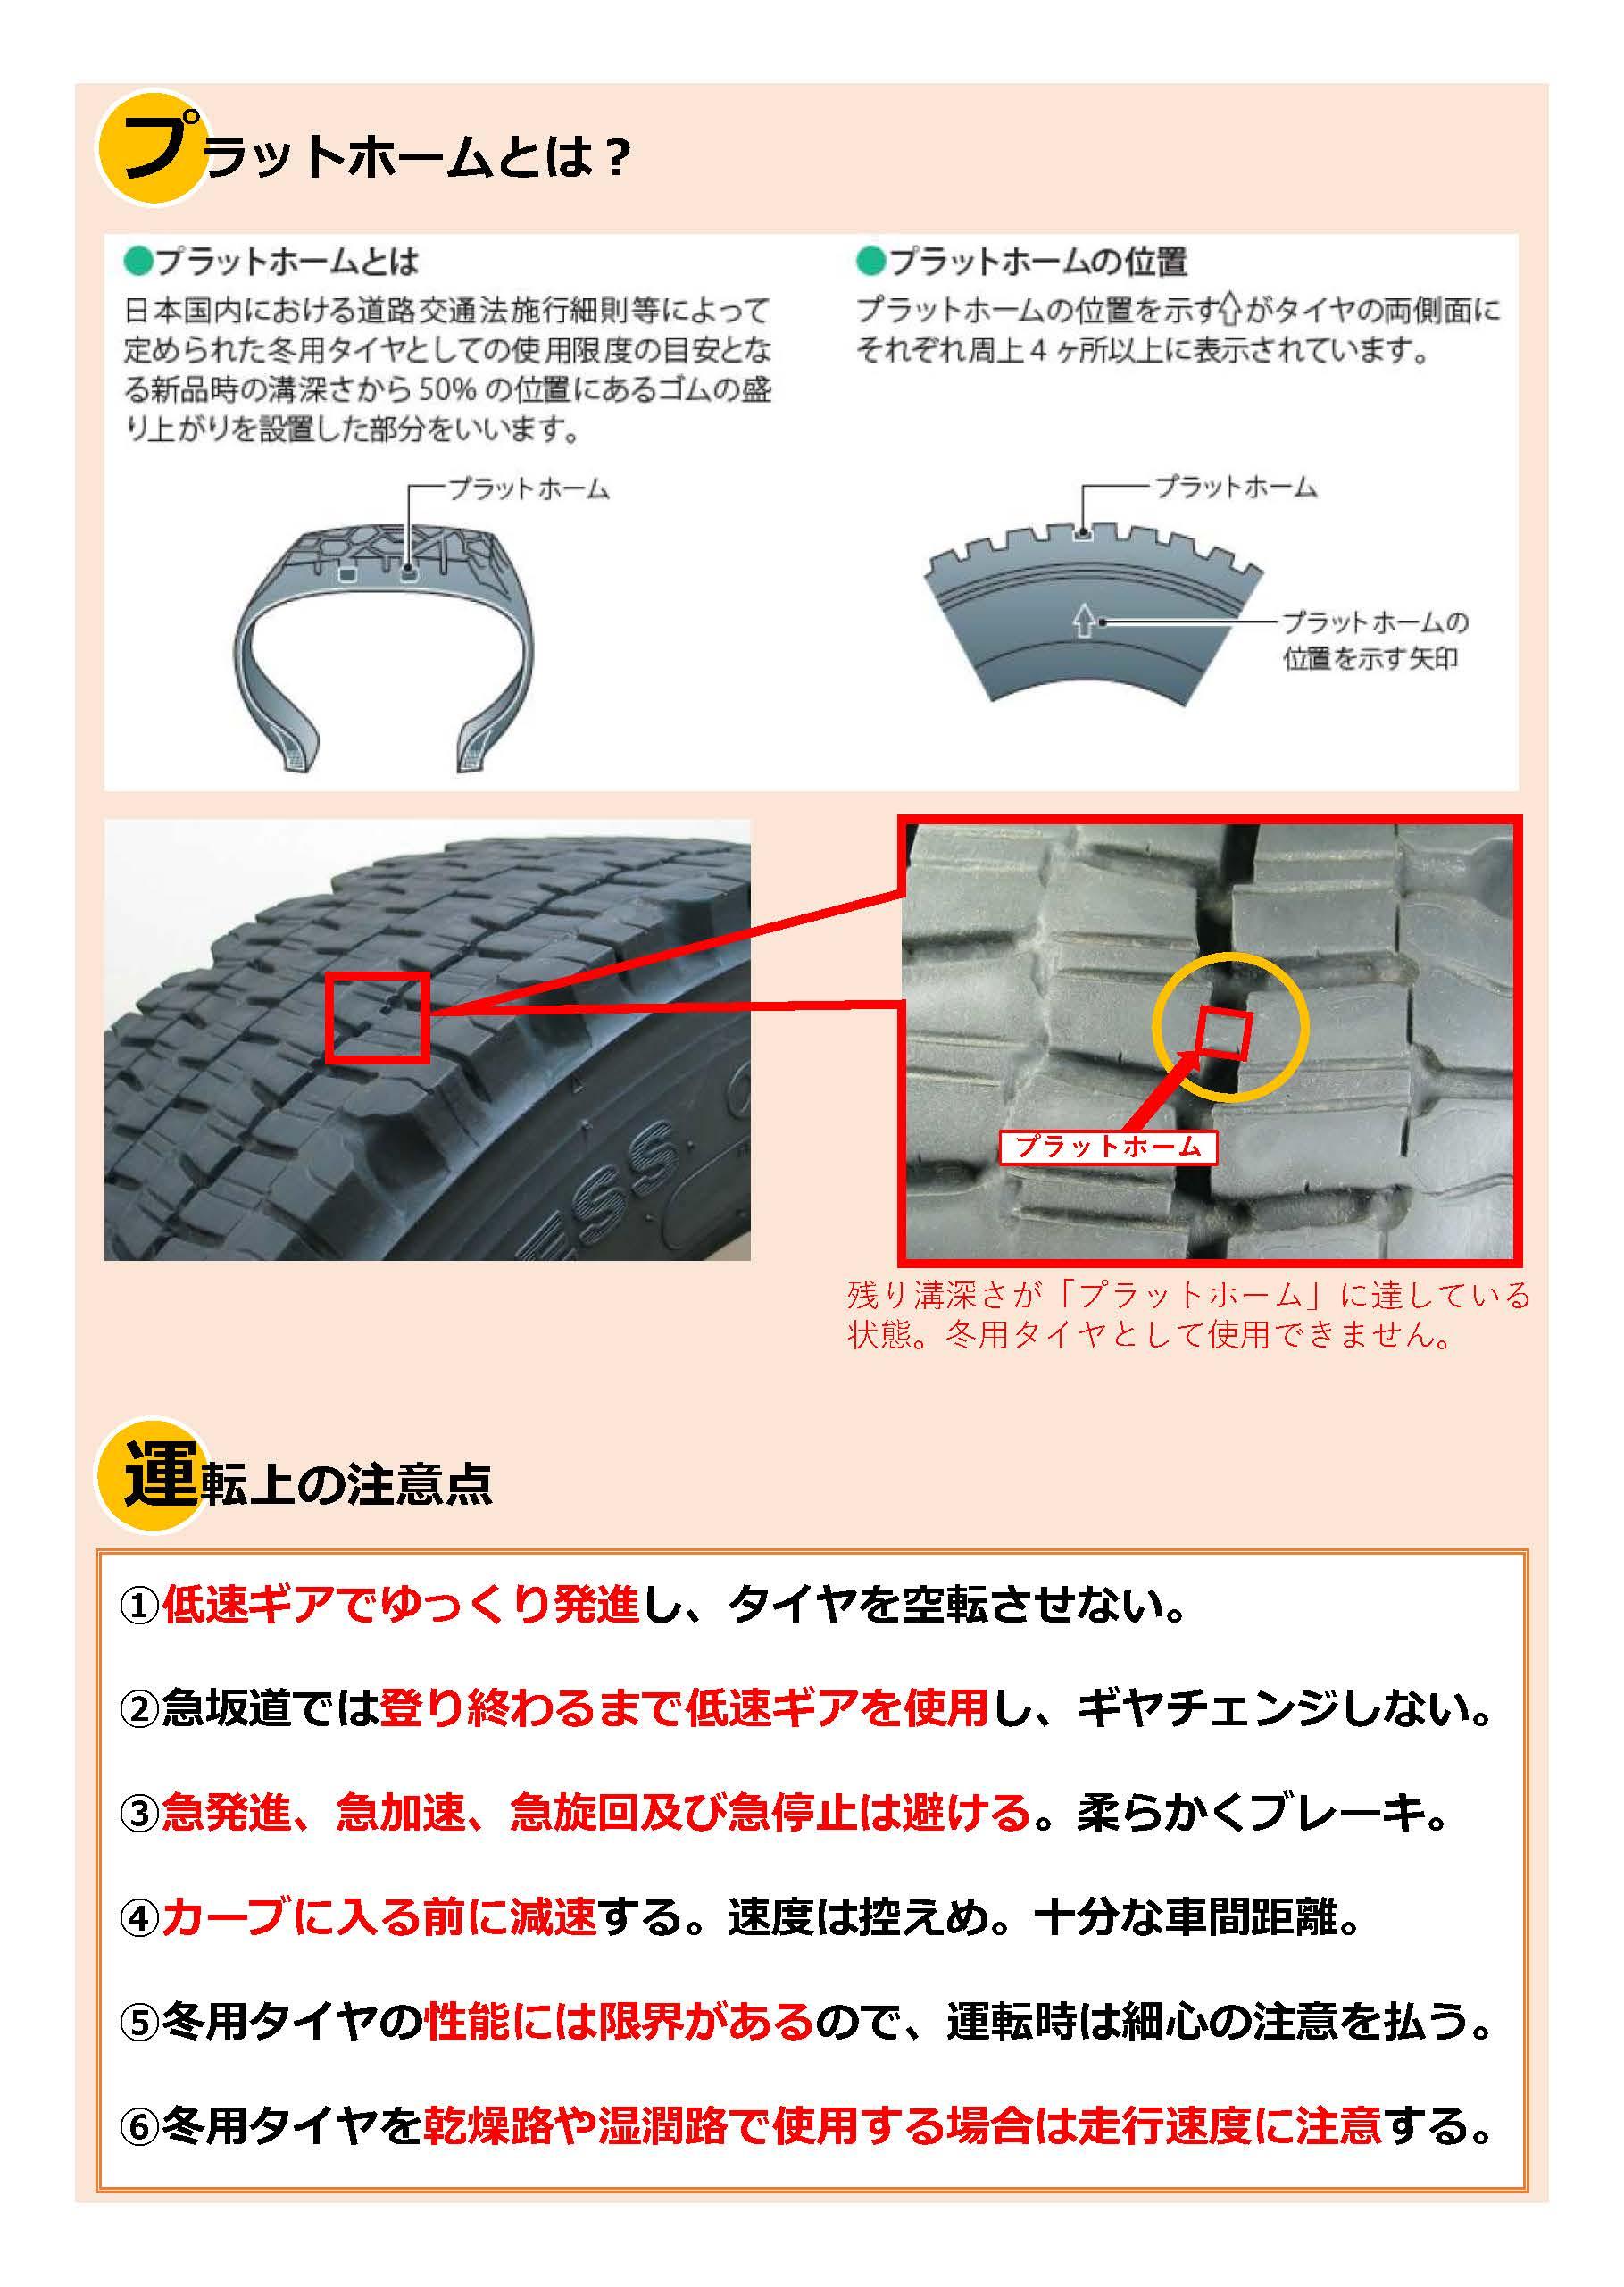 冬用タイヤ装着時の注意点-2